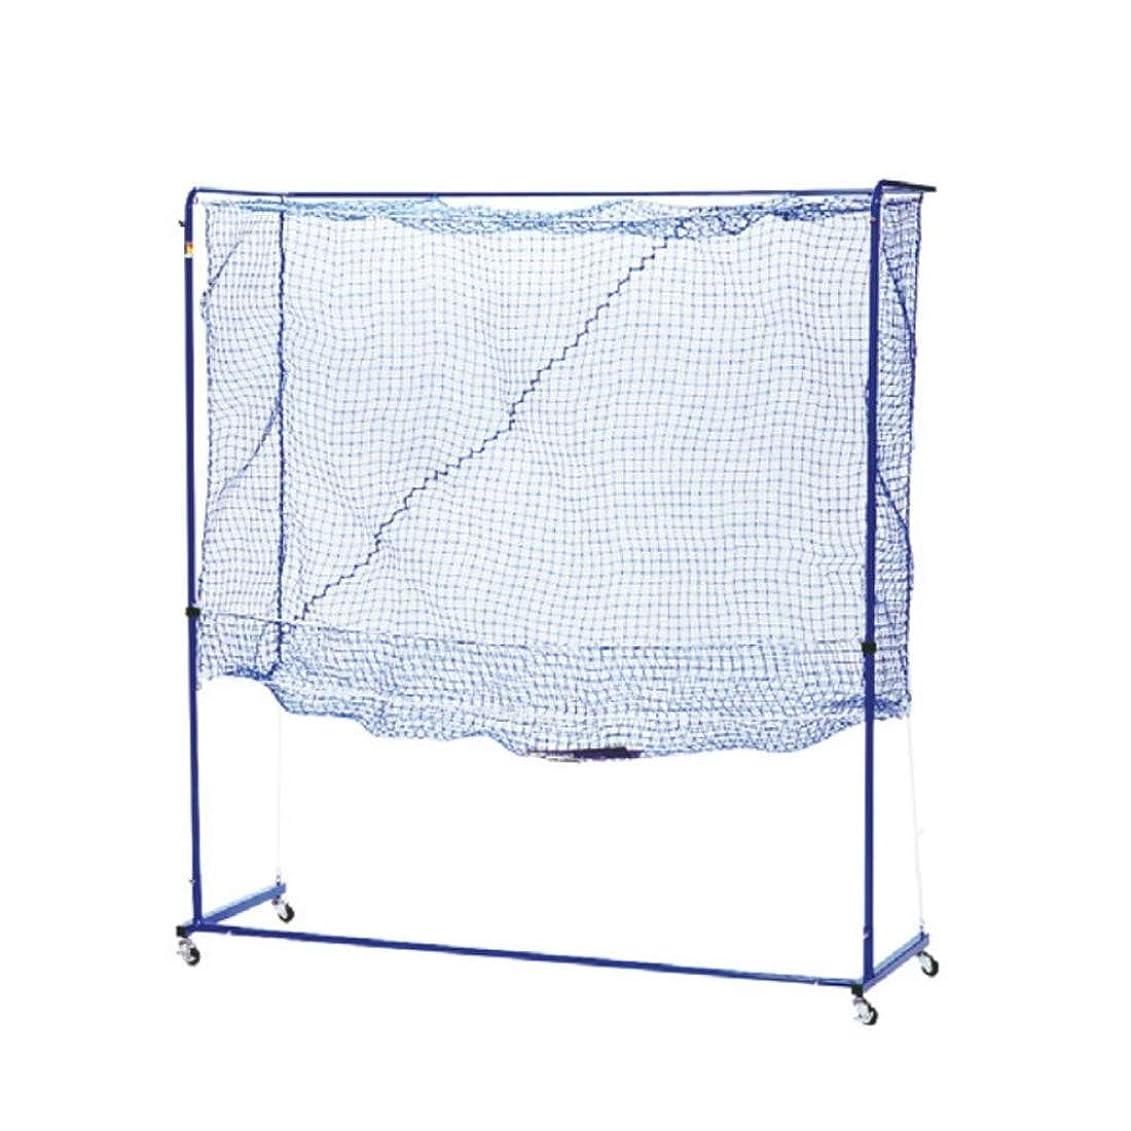 素敵な咲くセマフォ日用品 卓球トレメイト 多球練習用ネット製ゲージ 組立式 スタンダード ブルー 42-287